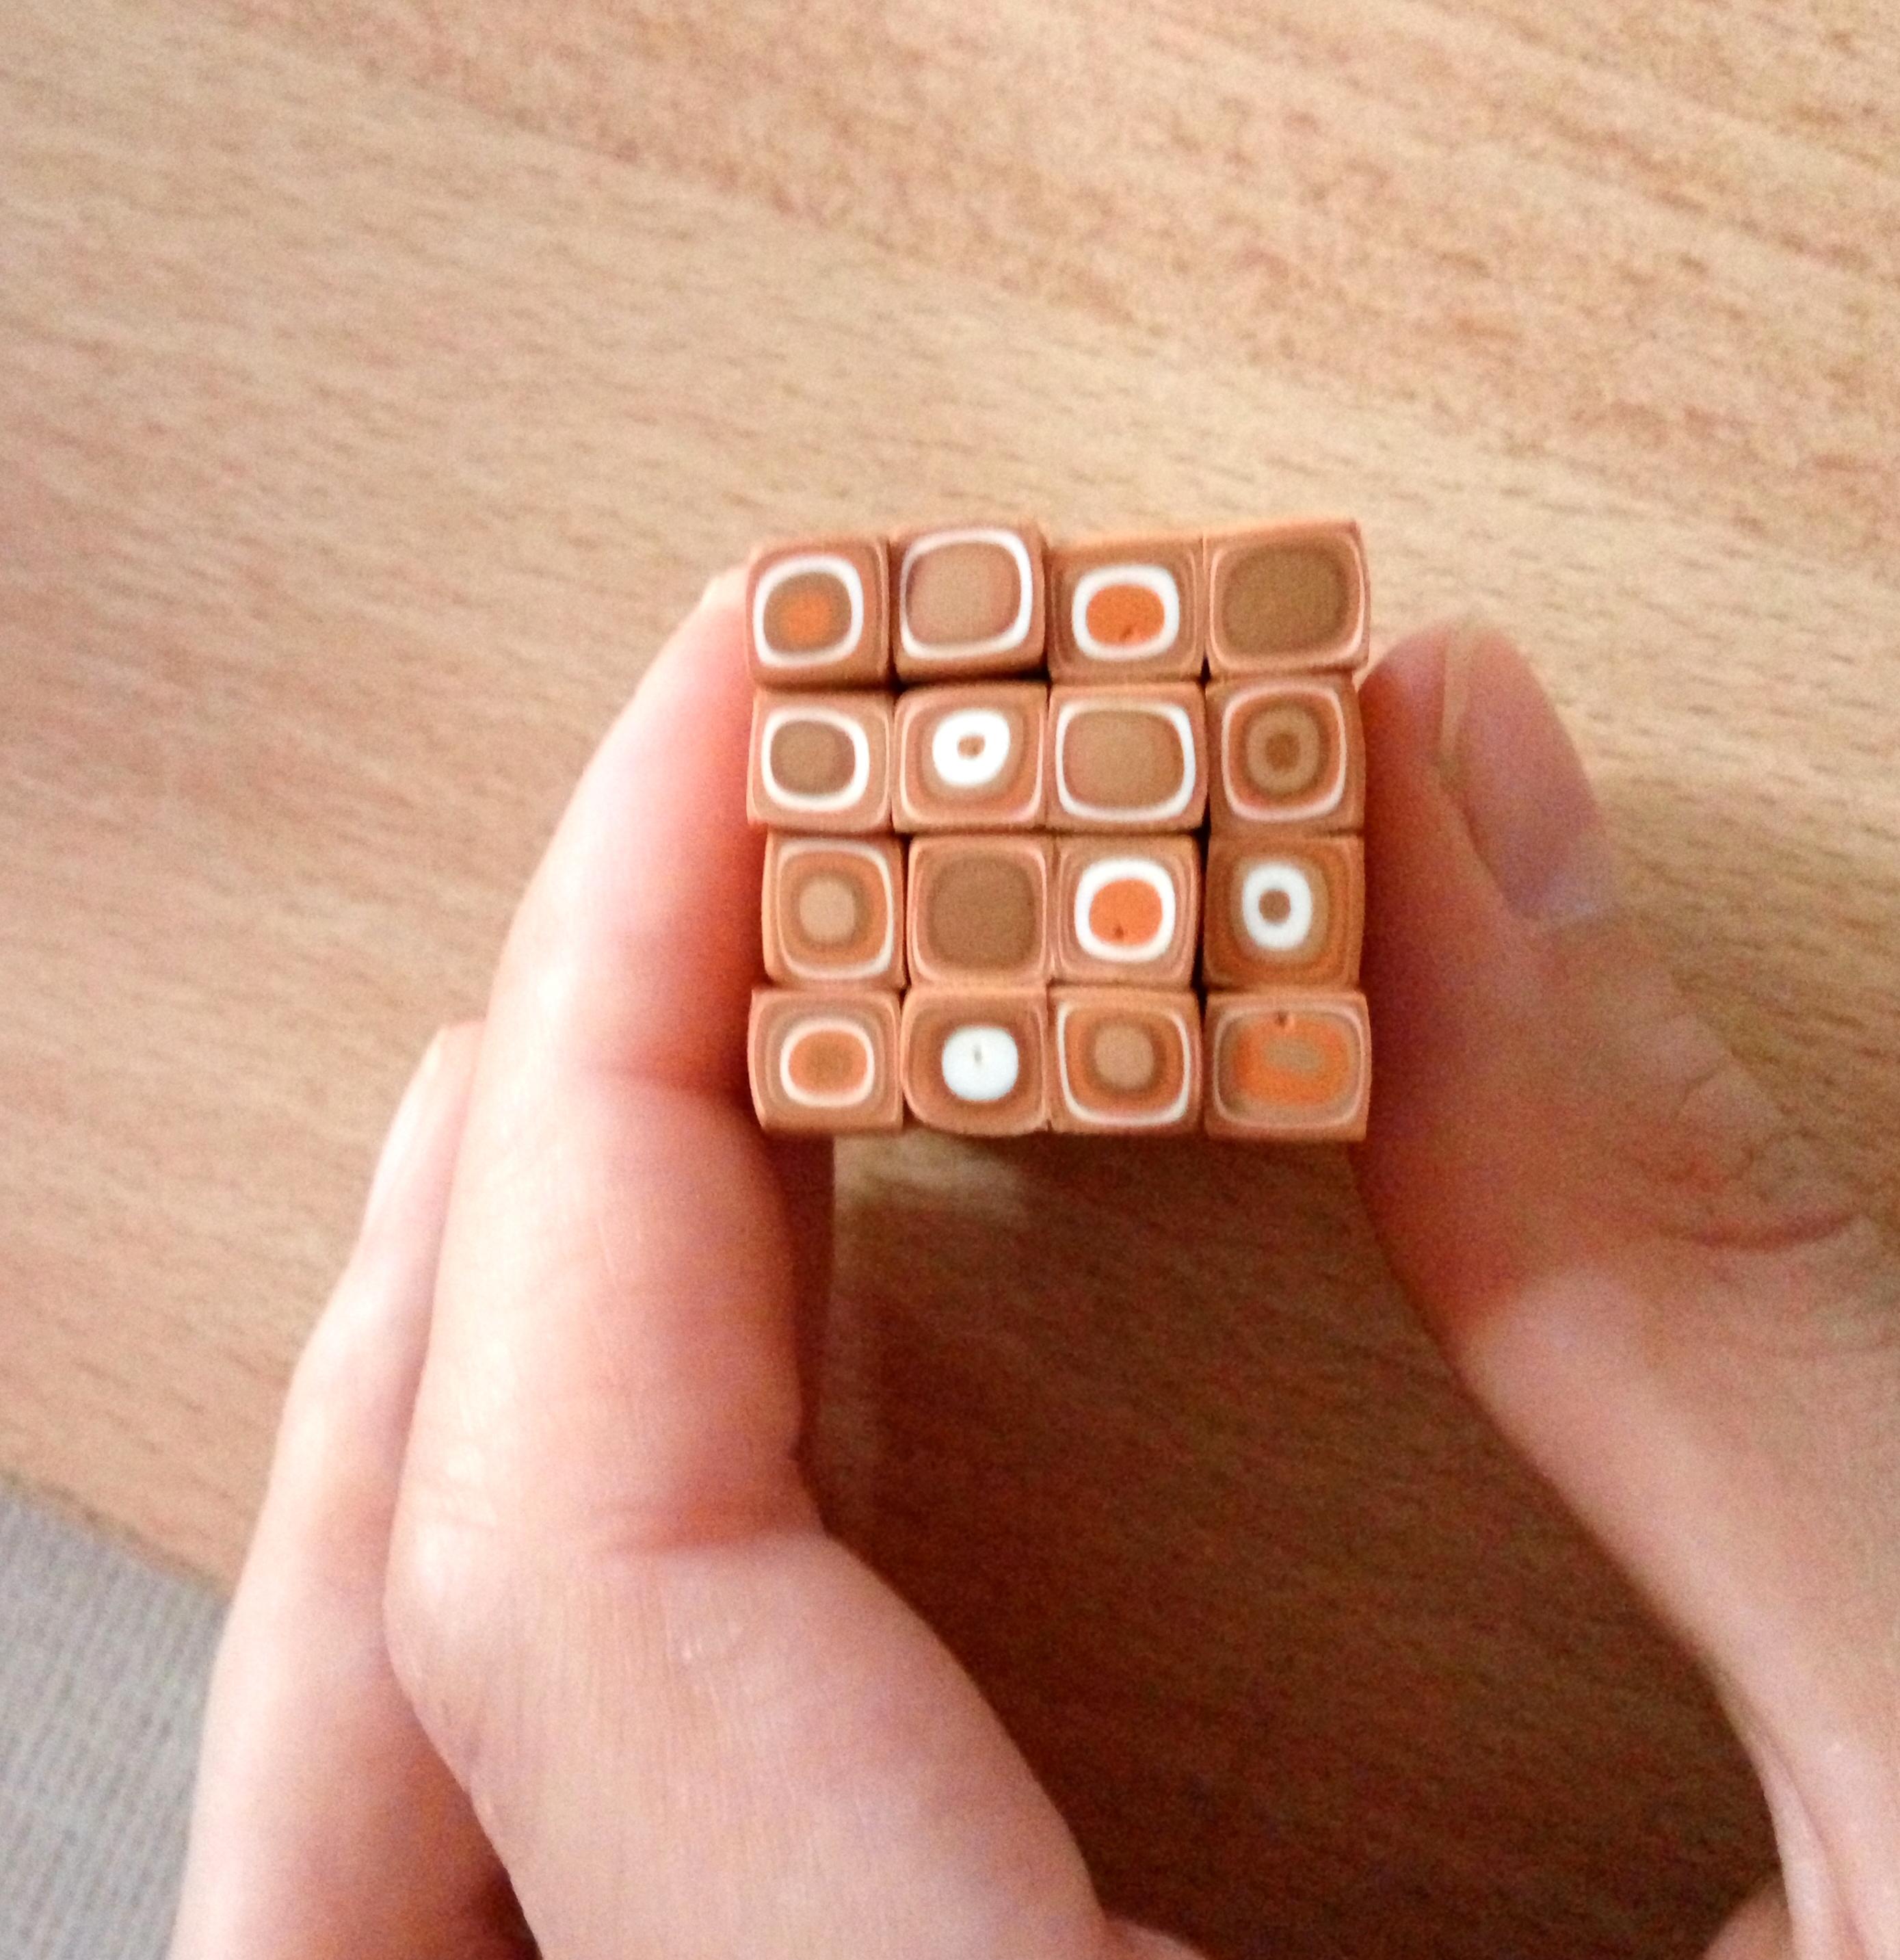 Φτιάξτε απίθανα κοσμήματα από πολυμερικό πηλό